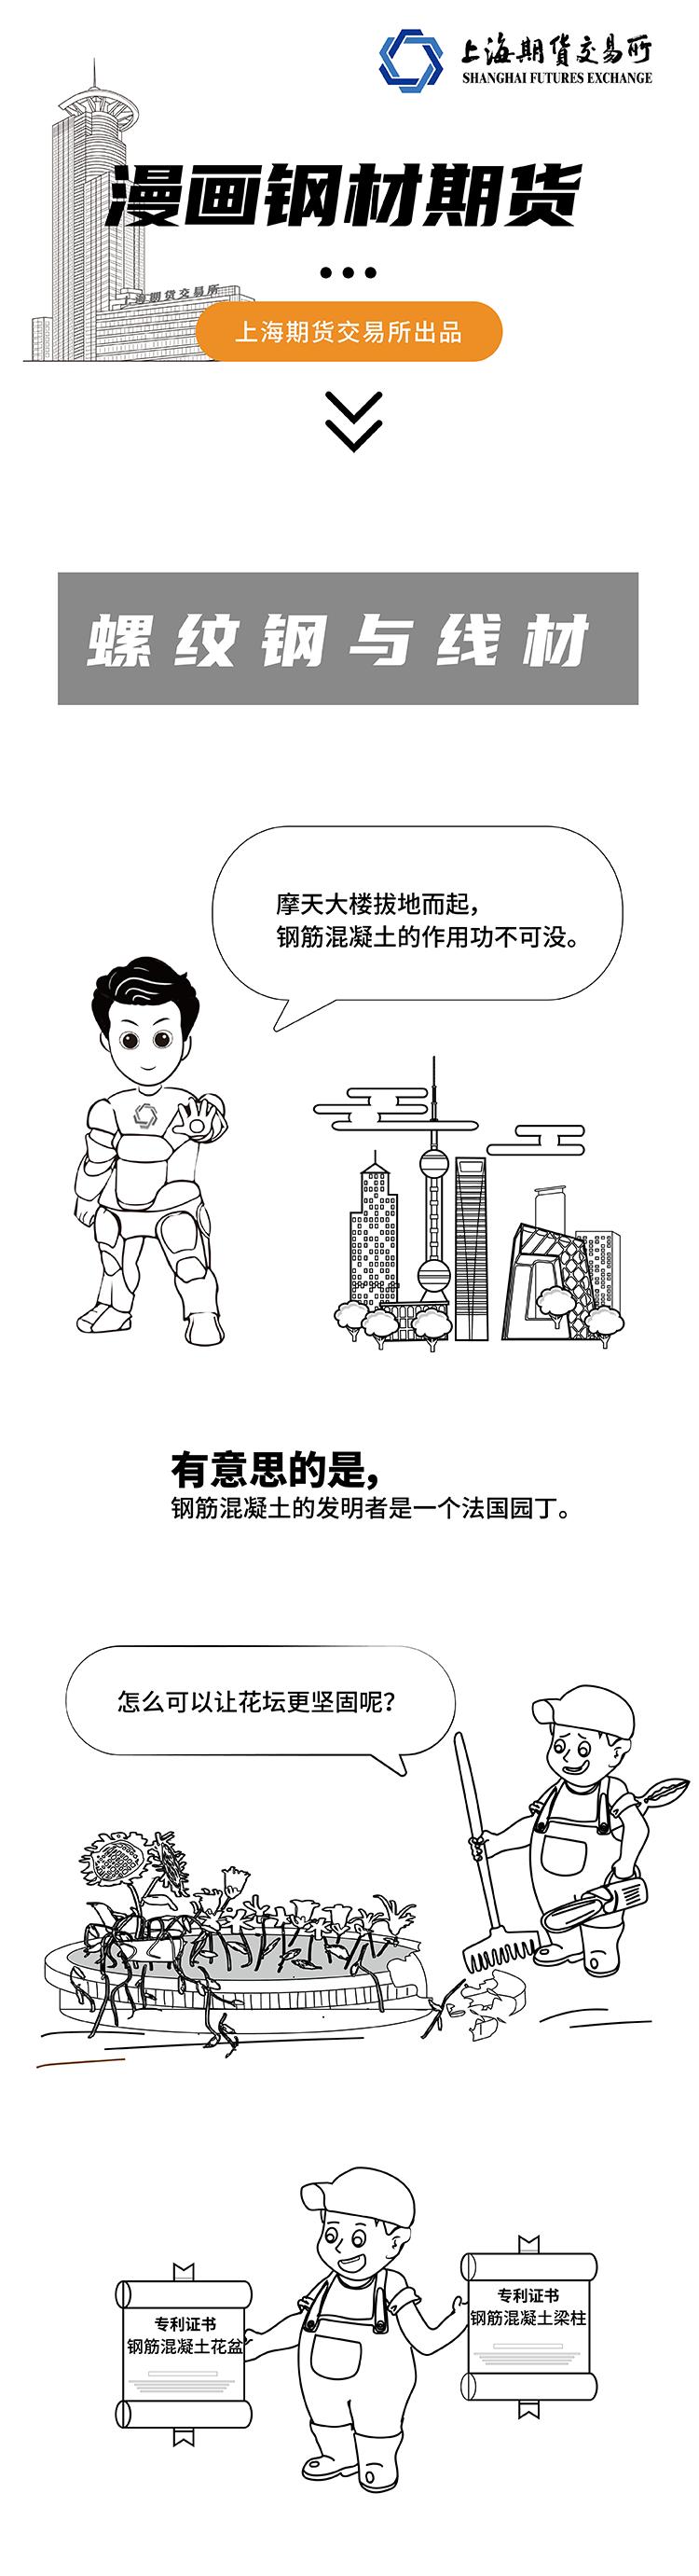 期货学堂 | 漫画钢材期货:螺纹钢与线材期货